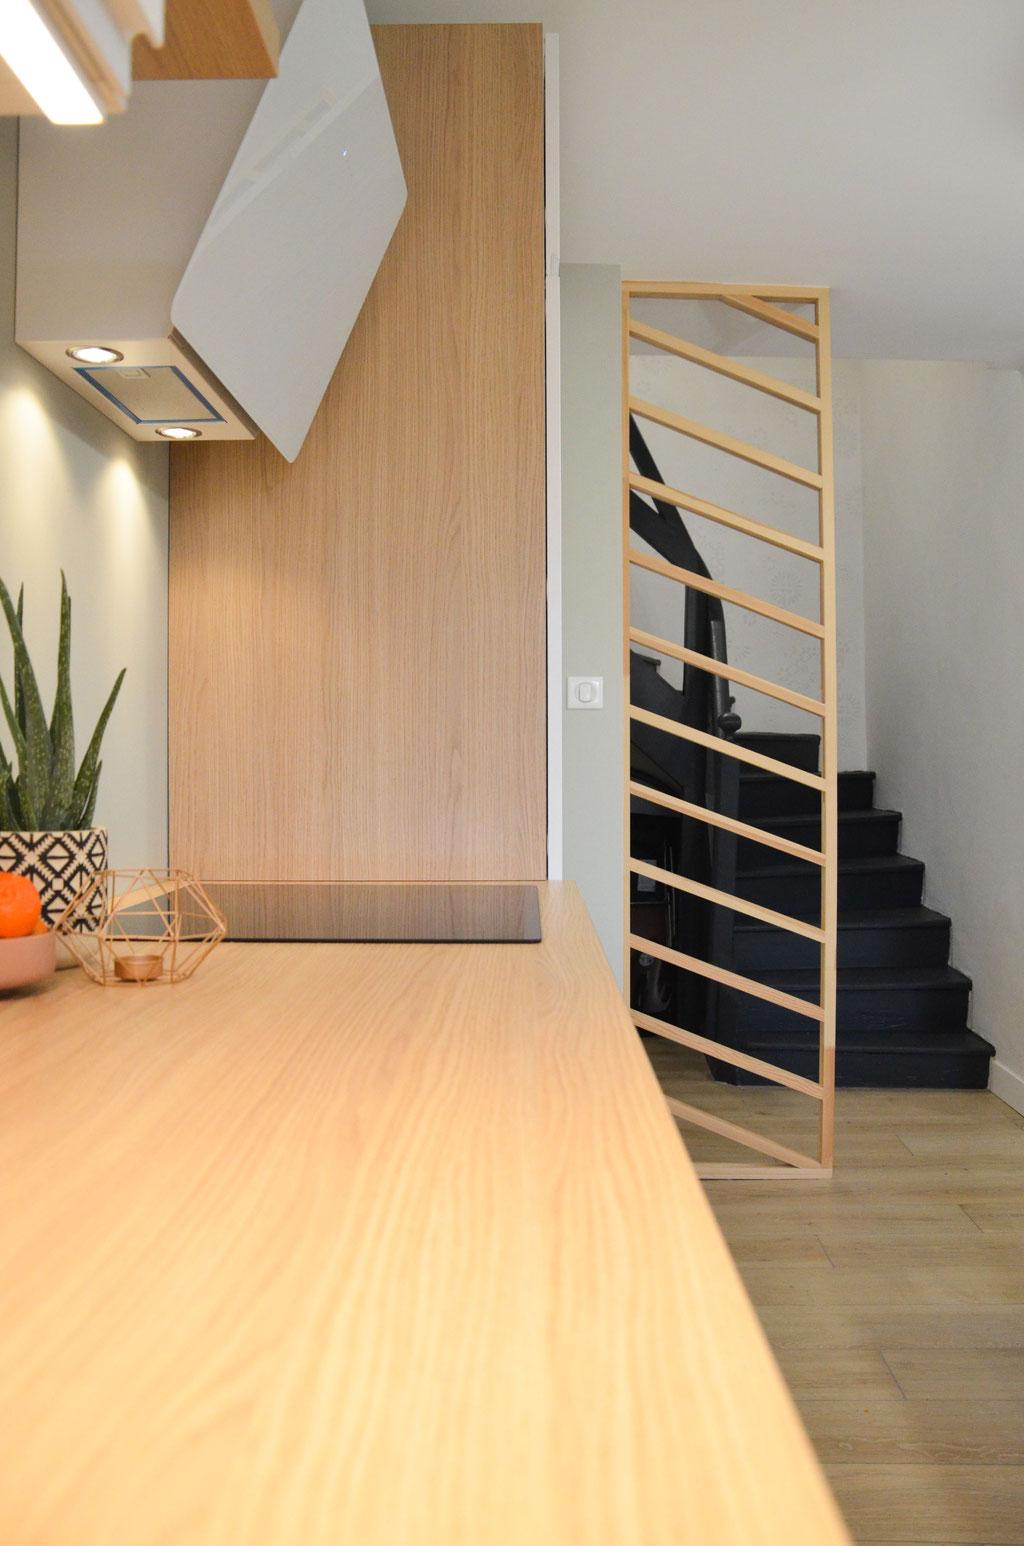 AL Intérieurs, agence architecture intérieur et décoration lyon, rénovation totale d'une maison de 85 m2